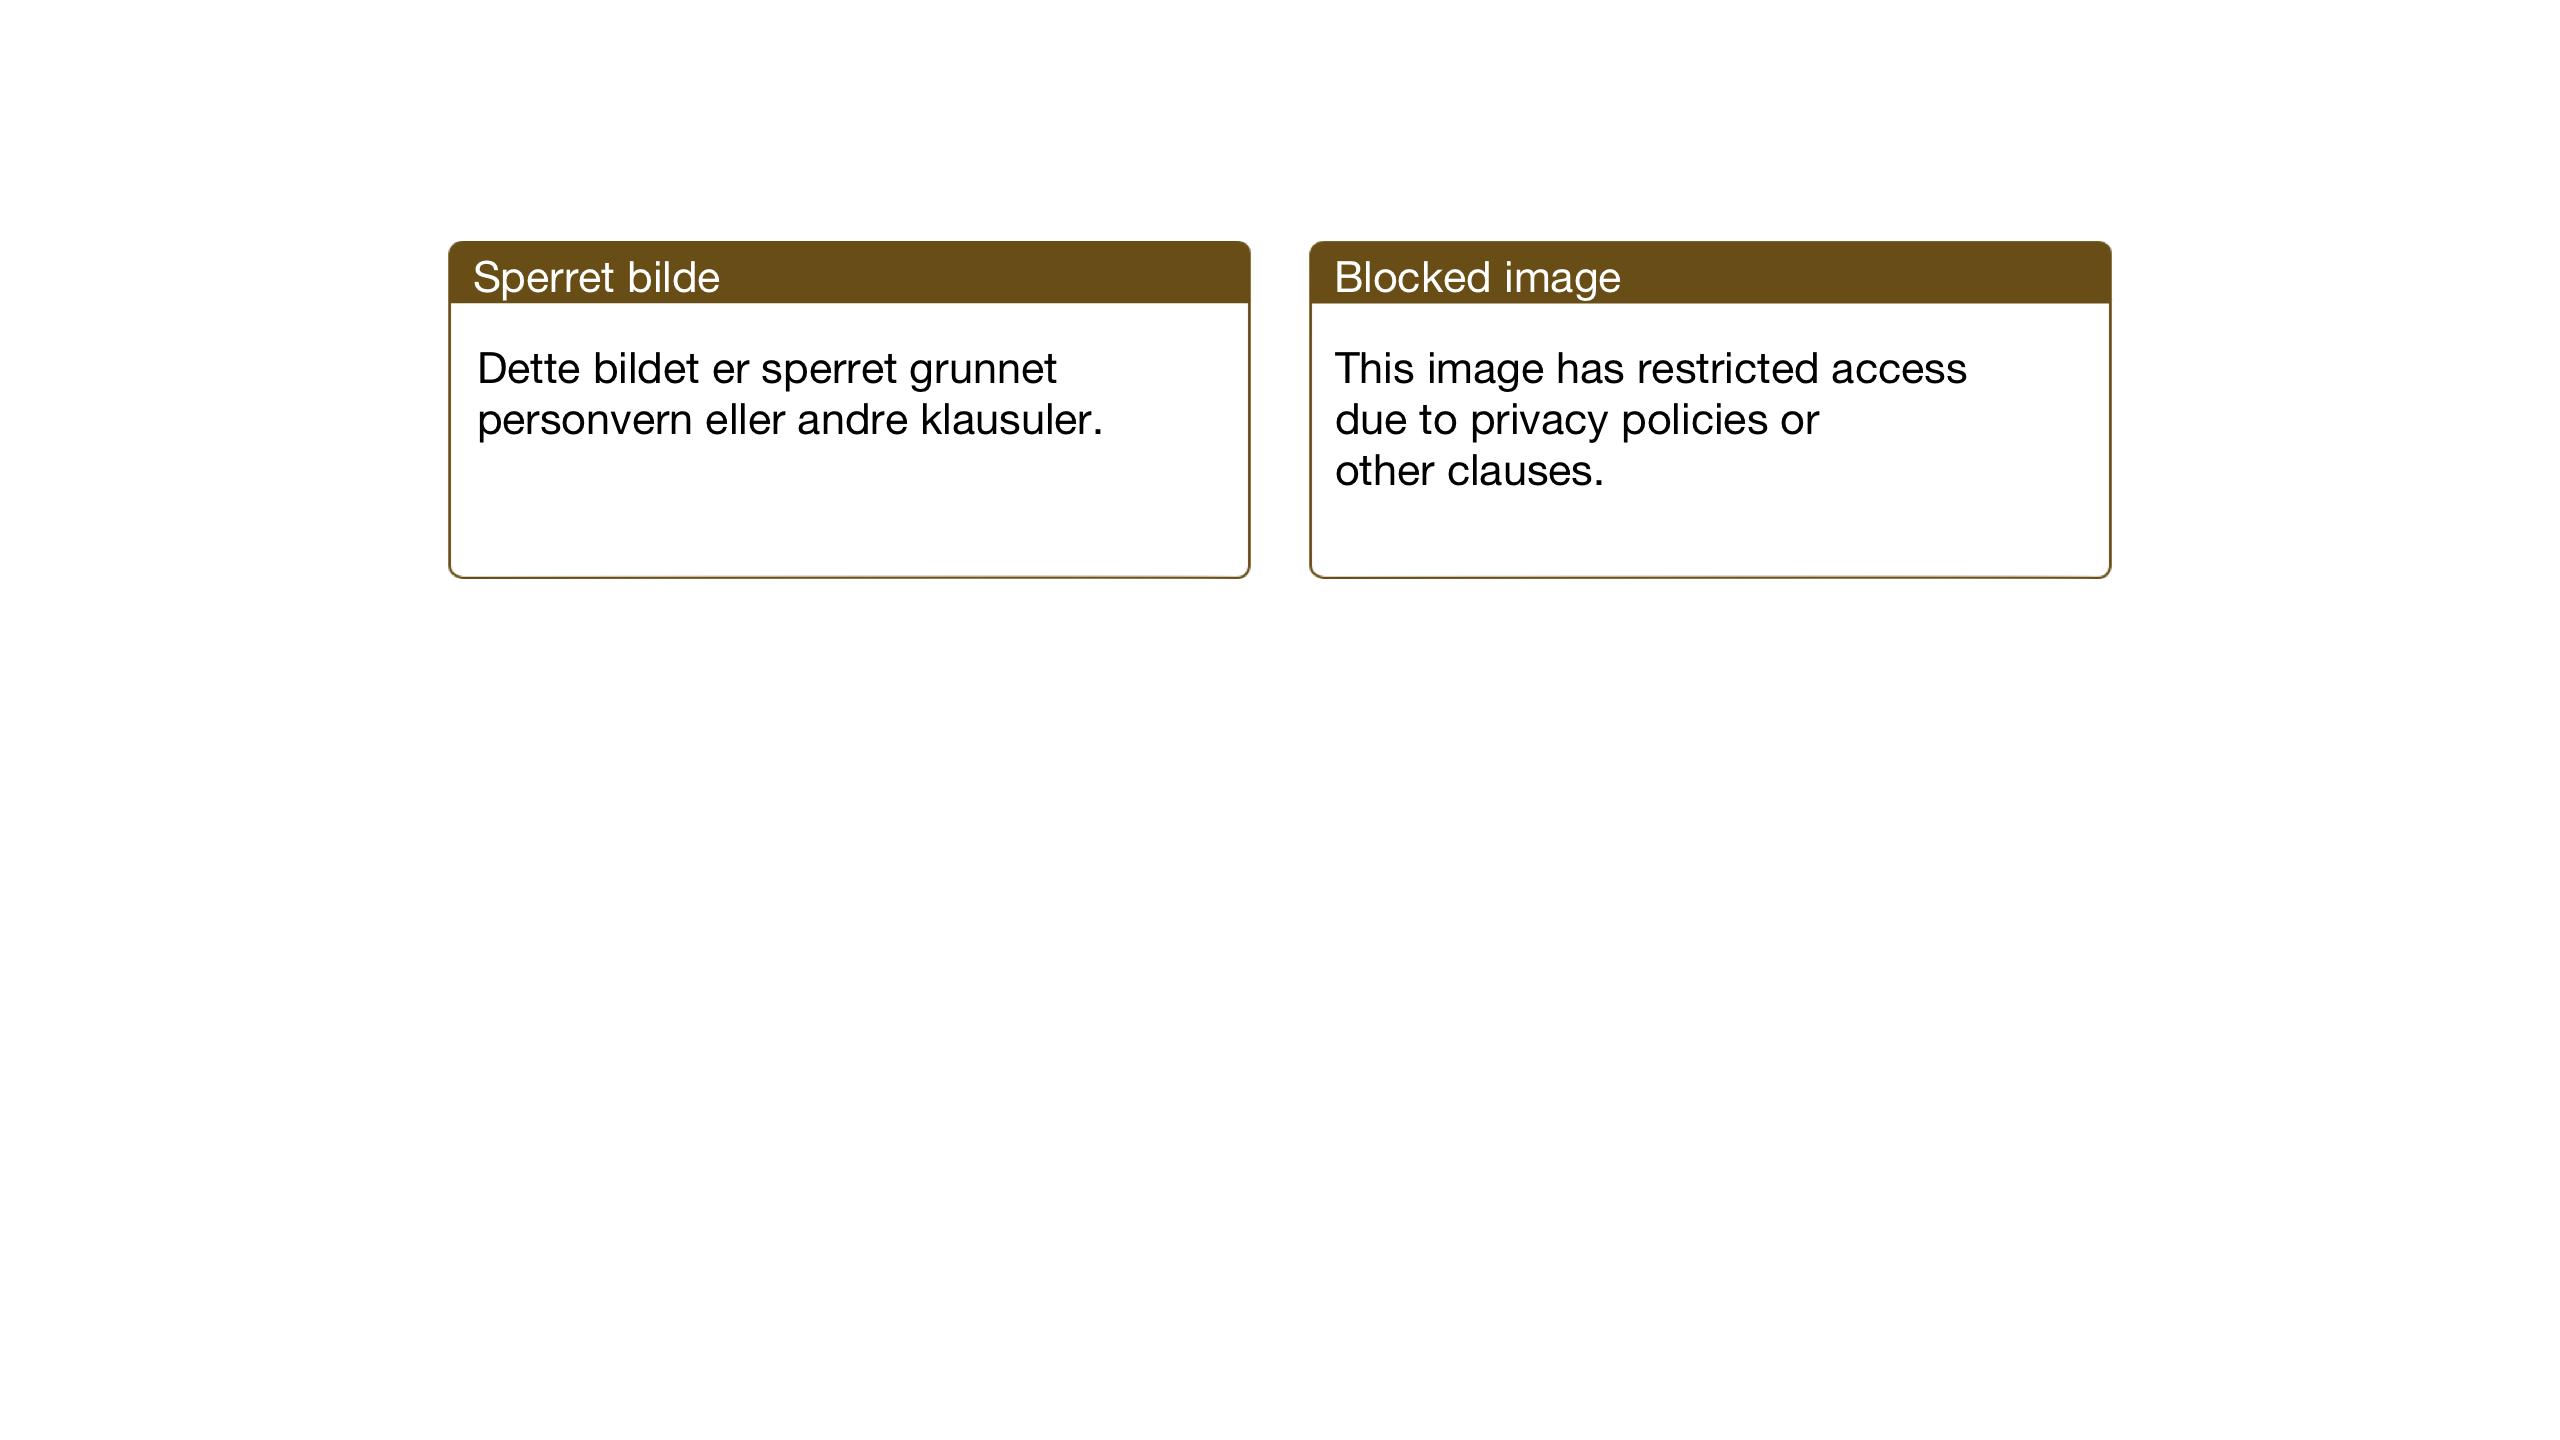 SAT, Ministerialprotokoller, klokkerbøker og fødselsregistre - Nord-Trøndelag, 714/L0136: Klokkerbok nr. 714C05, 1918-1957, s. 228